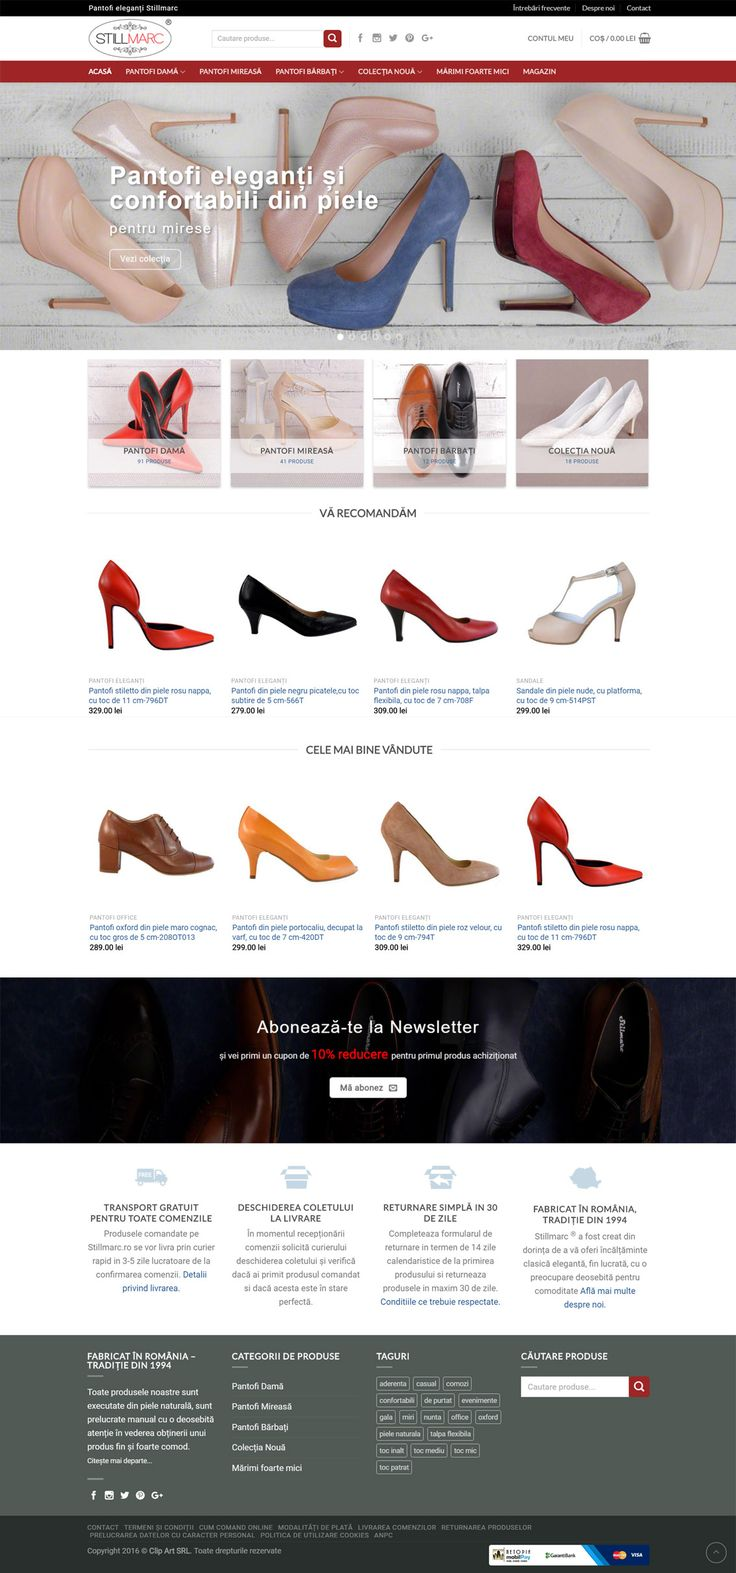 Haide în magazinul nostru online https://stillmarc.ro/ unde îți oferim pantofi de mireasă, eleganți și confortabili din piele naturală. Mărimi 32-42, cu tocuri mici, medii sau înalte. De asemenea vă oferim pantofi eleganți pentru bărbați, mărimi 39-46. Prețuri de producător, iar transportul este gratuit.